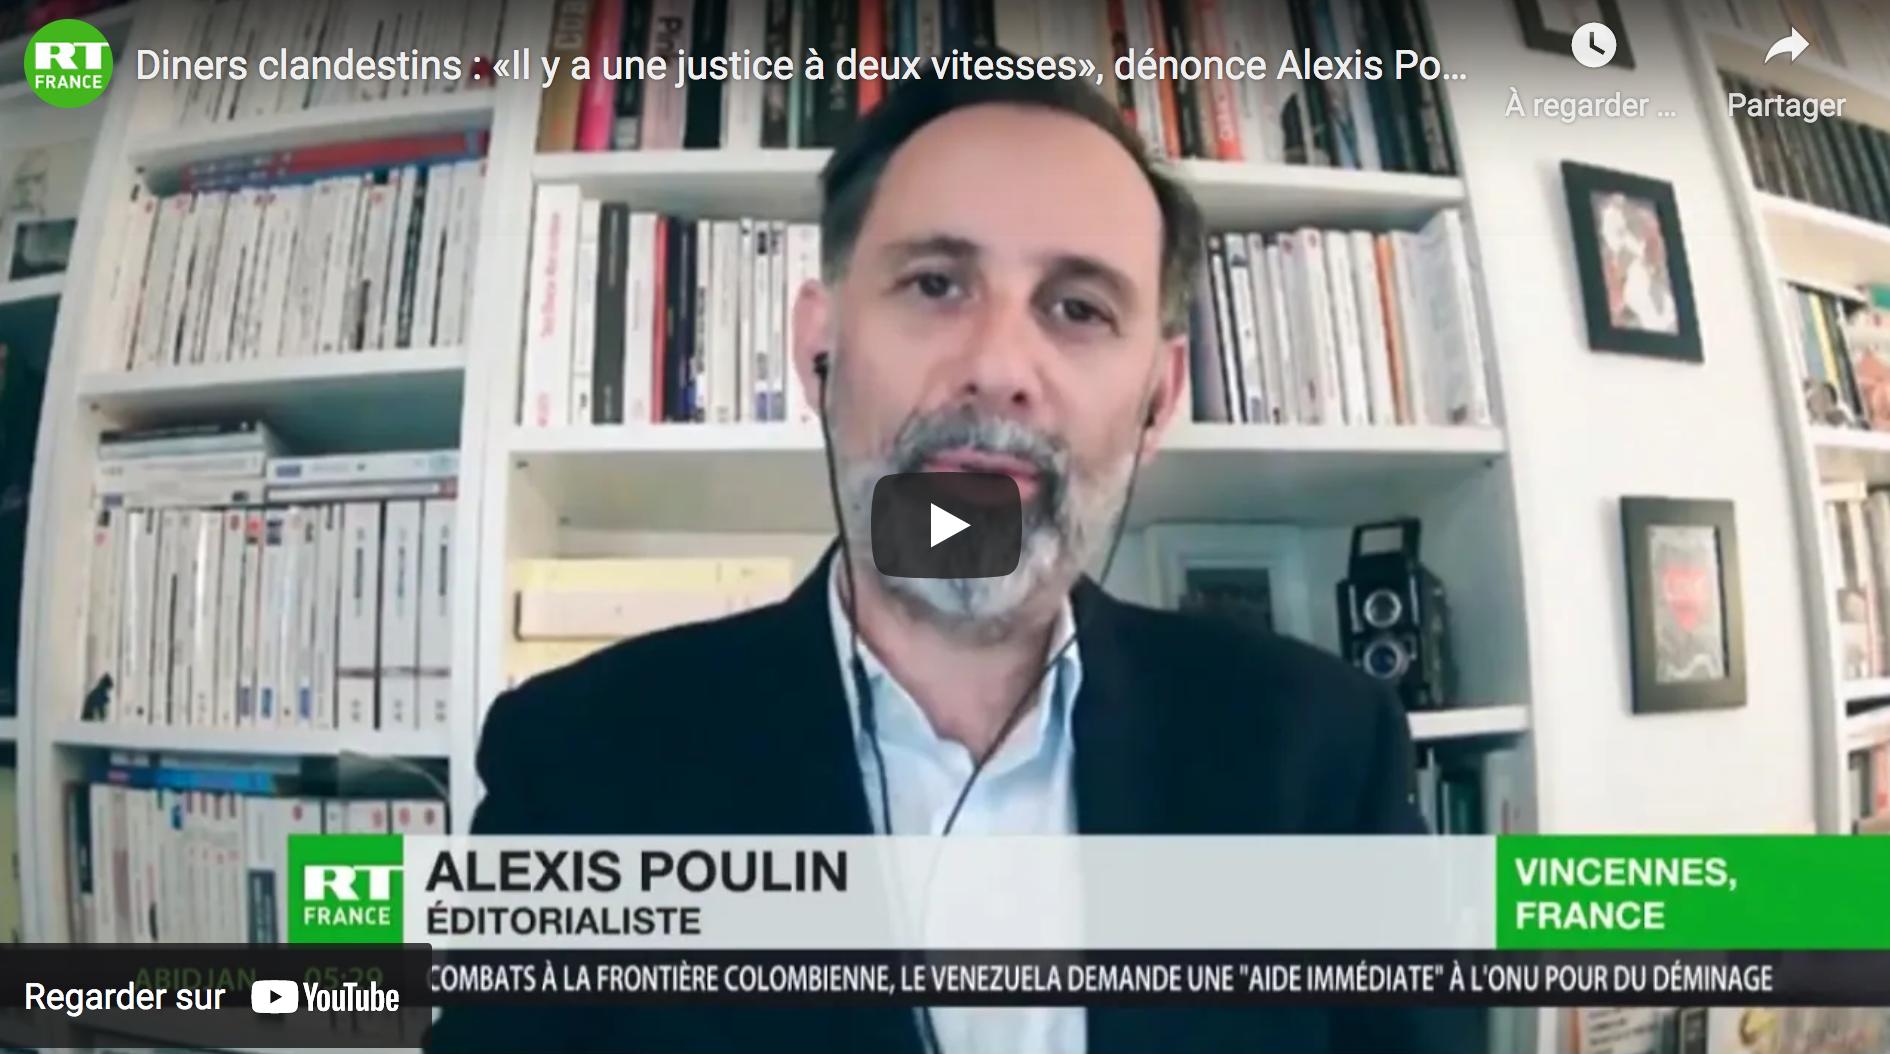 Diners clandestins : « Il y a une justice à deux vitesses », dénonce Alexis Poulin (VIDÉO)